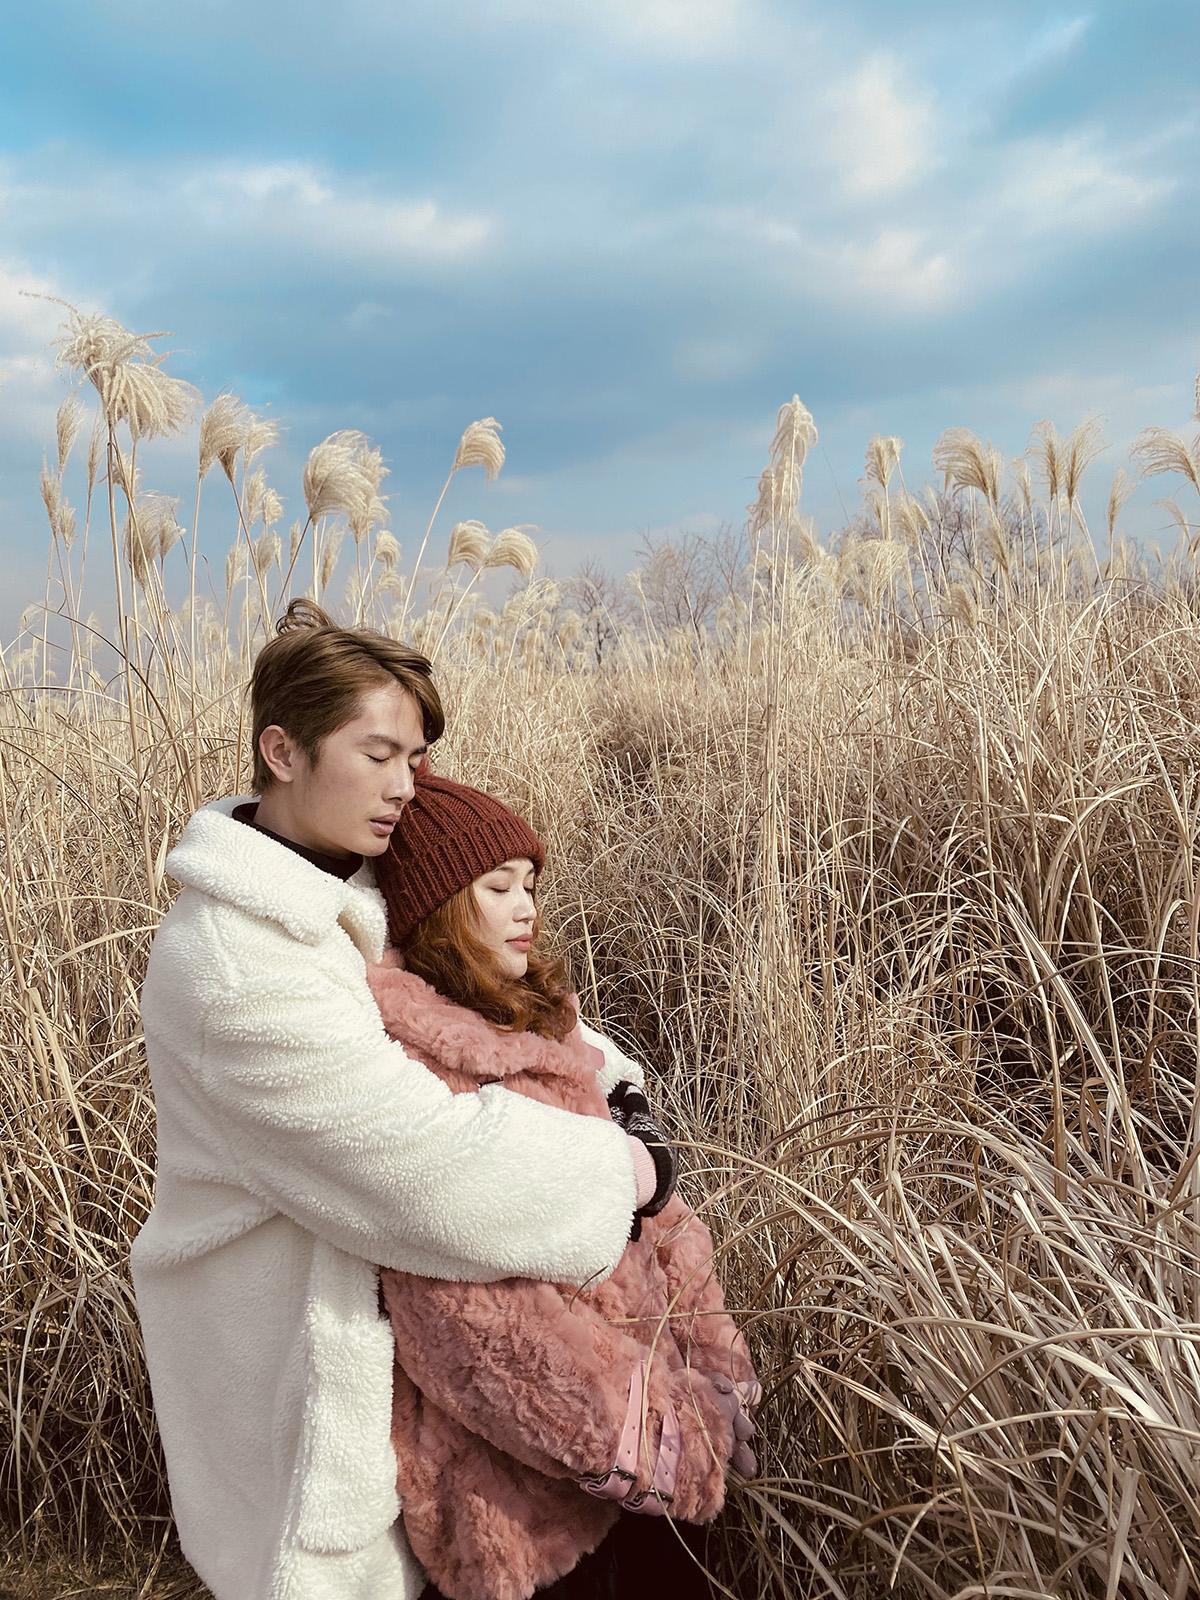 Mới nhất, Sỹ Thanh và Huỳnh Phương - thành viên nhóm FAPTV khiến fan hâm mộ không khỏi xuýt xoa về độ tình tứ mà còn cách phối đồ tinh tế, đồng điệu của cả hai trong bộ ảnh du lịch Hàn Quốc vừa qua.